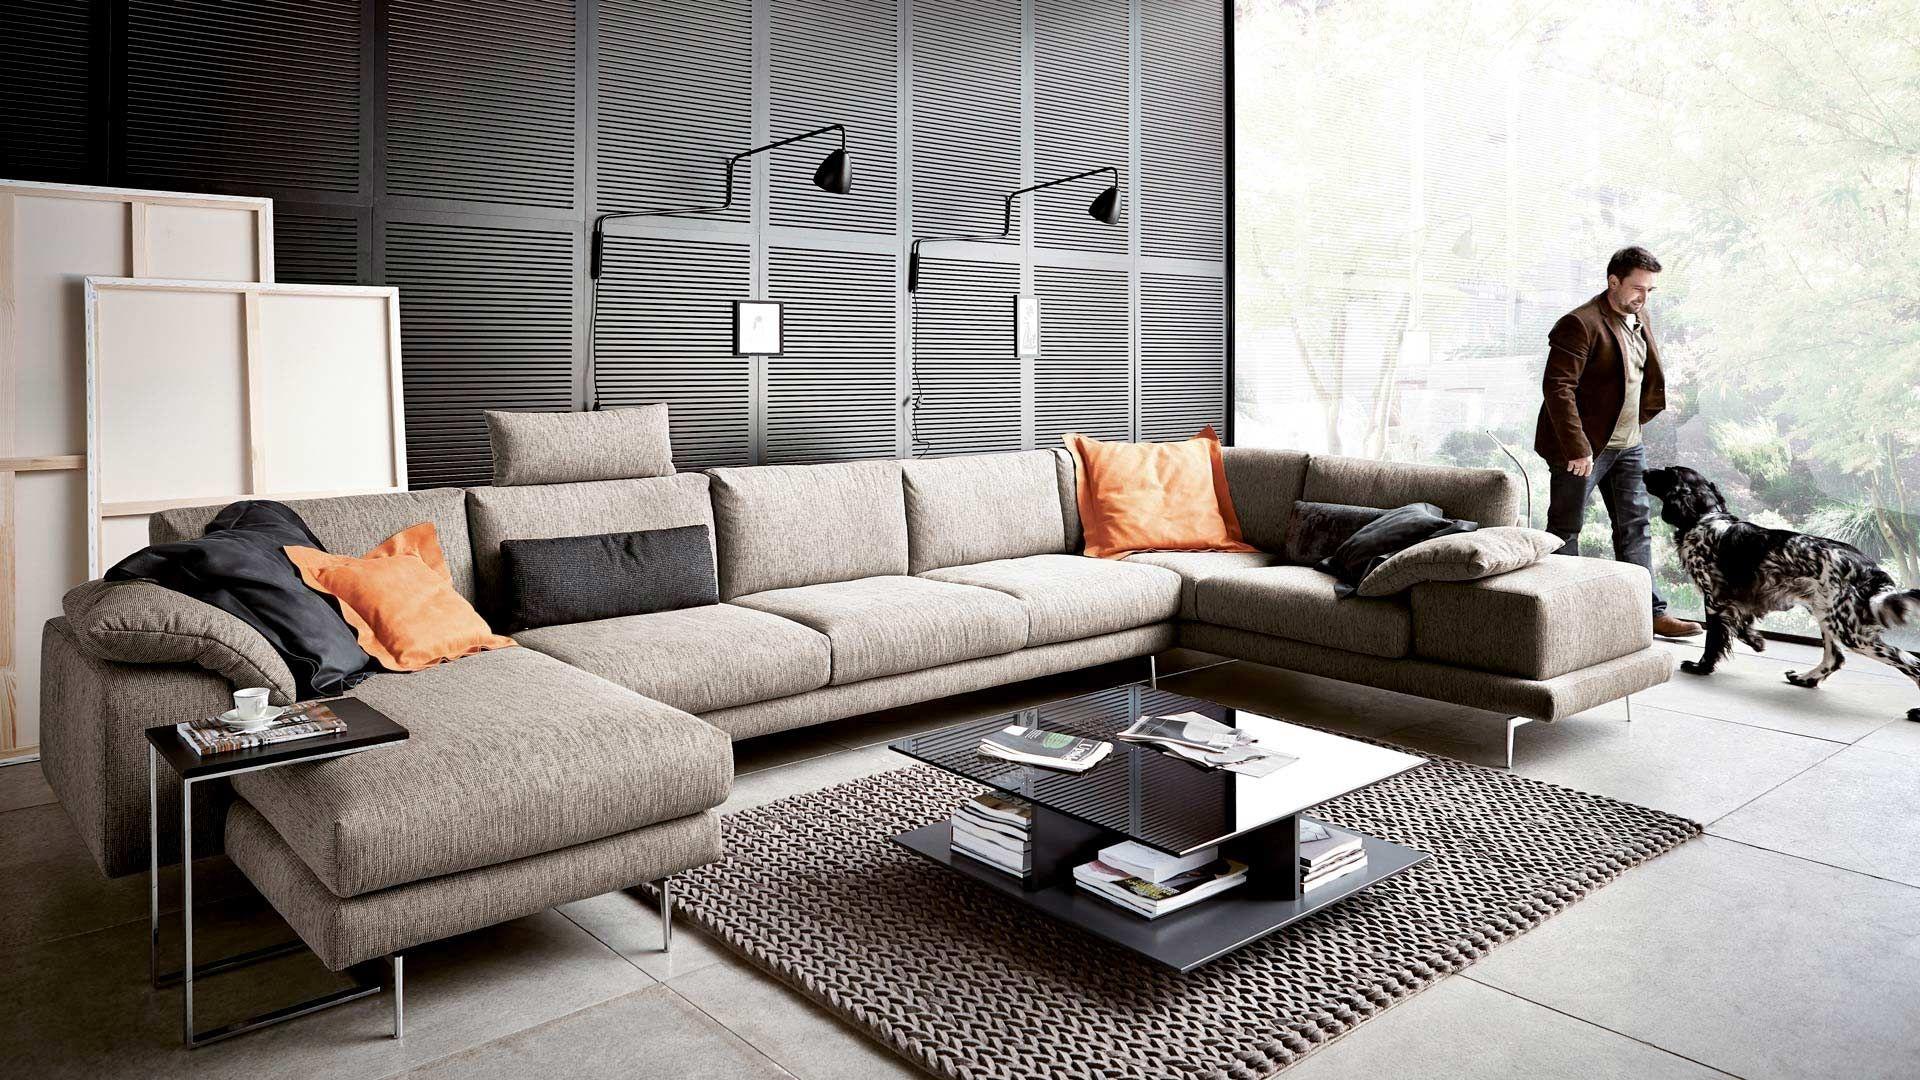 koinor sofas in kelheim - möbel gassner - regensburg